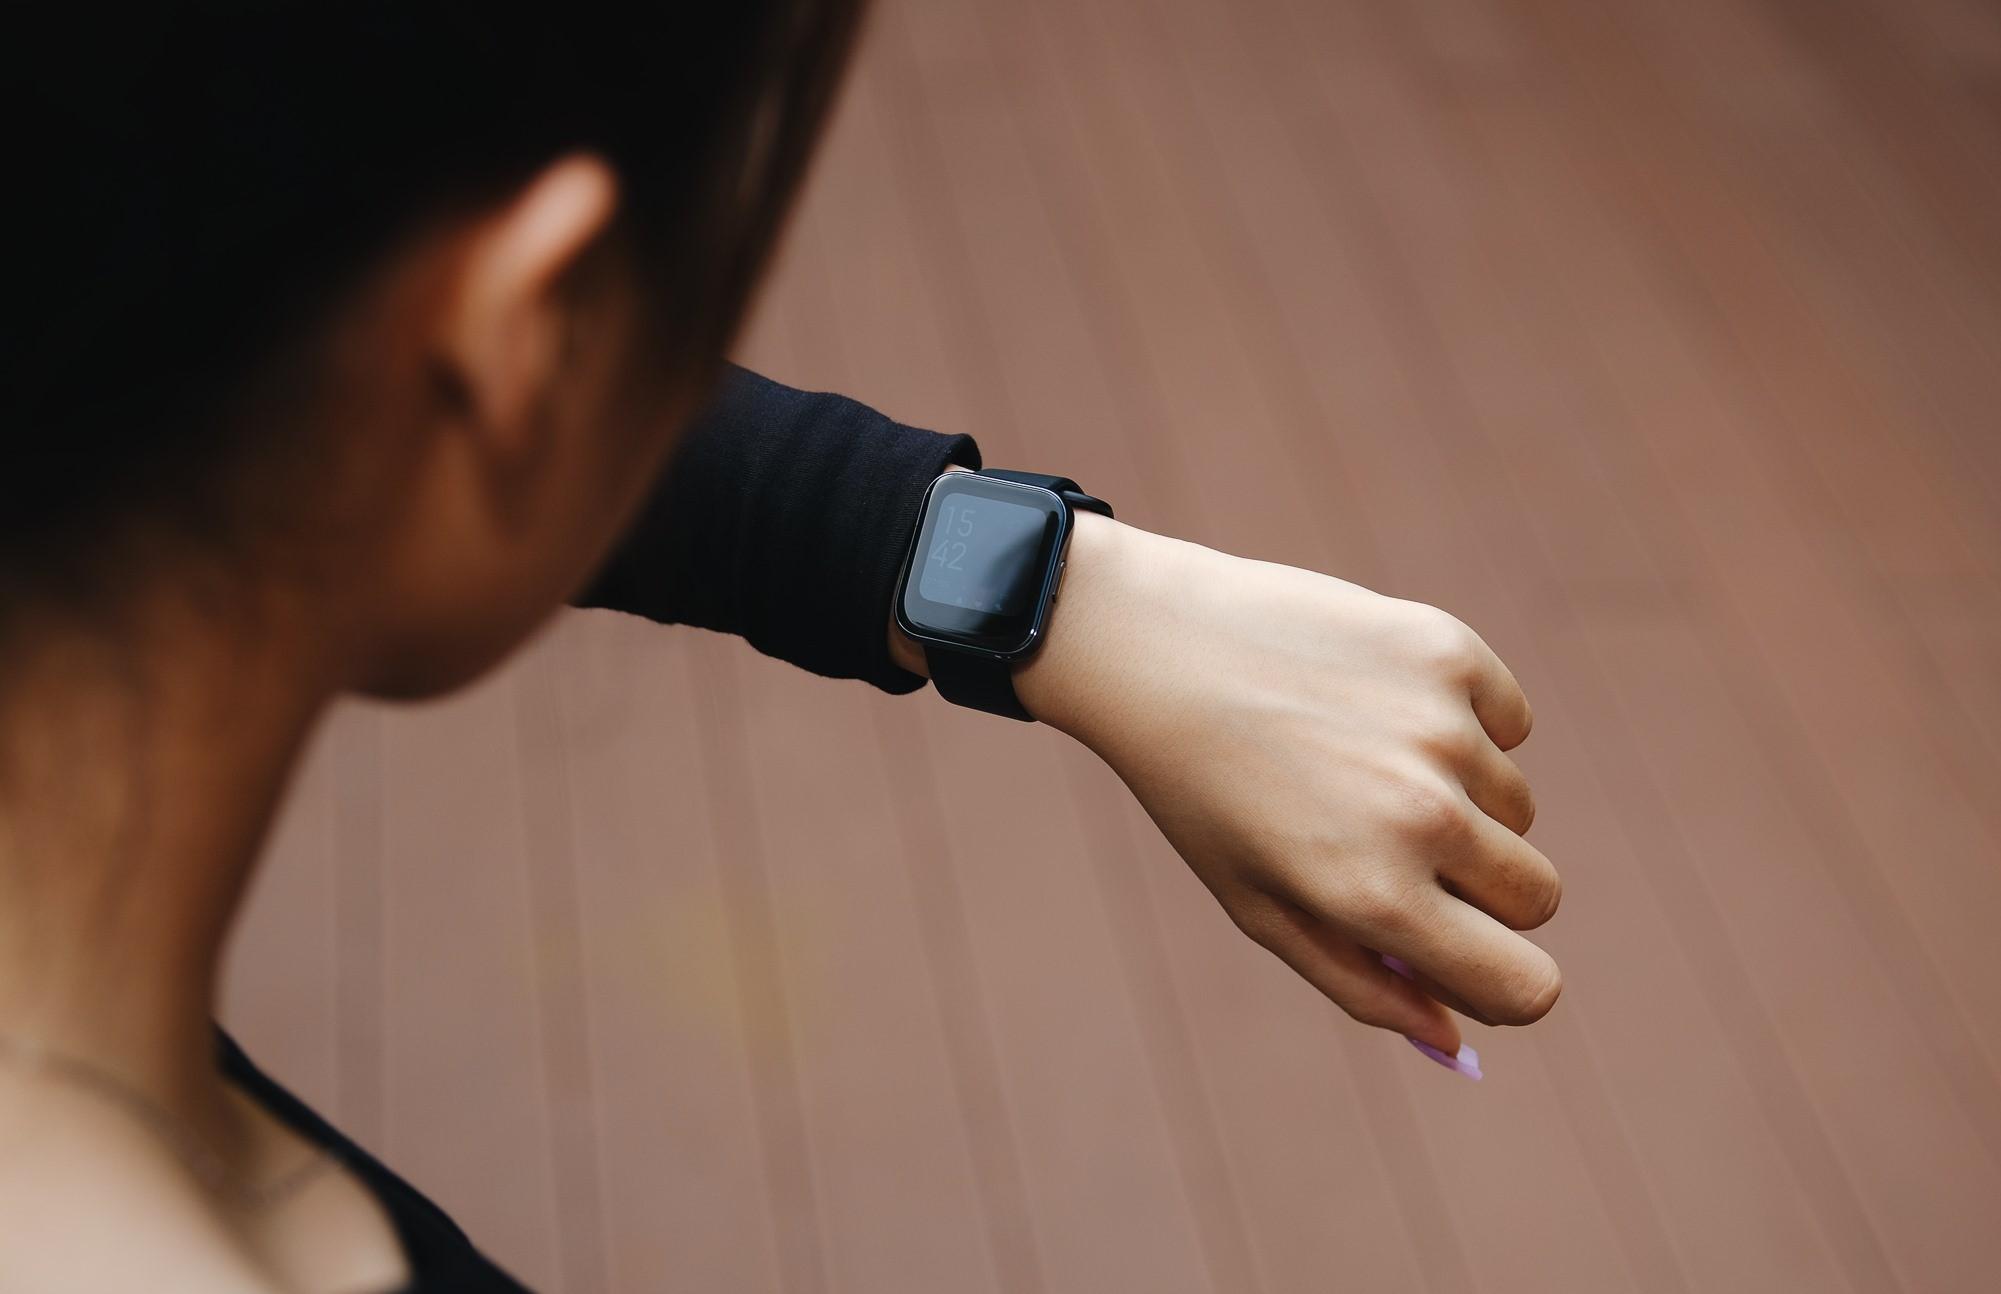 Realme Watch tham chiến thị trường đồng hồ thông minh phổ thông, cạnh tranh từ tính năng đến giá bán - Ảnh 4.